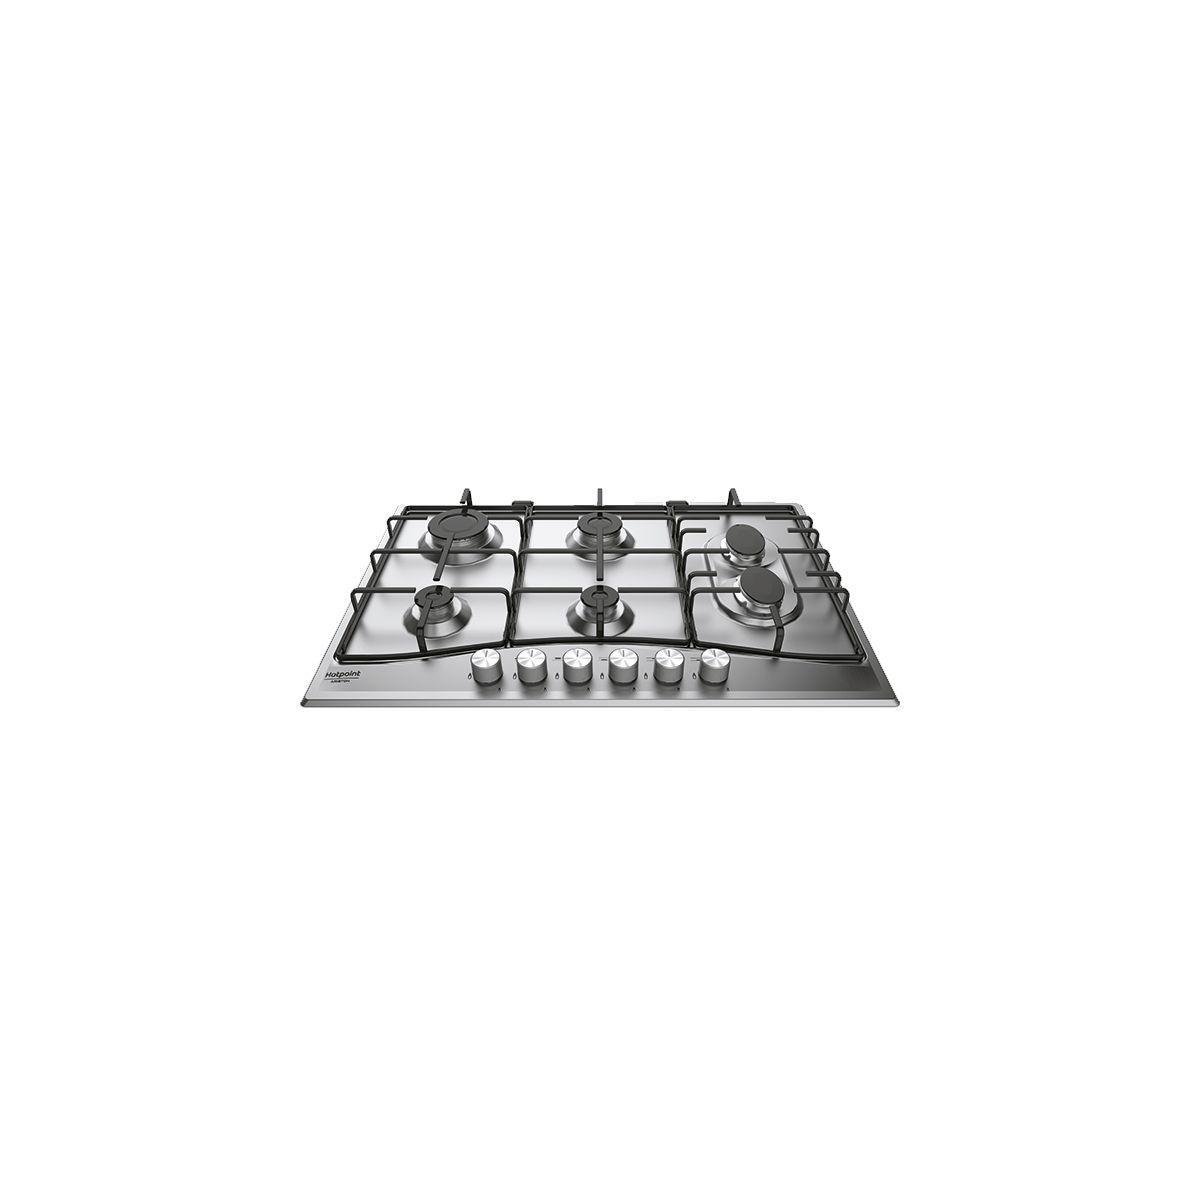 Table gaz hotpoint pcn762s/ix/ha - 7% de remise imm�diate avec le code : gam7 (photo)